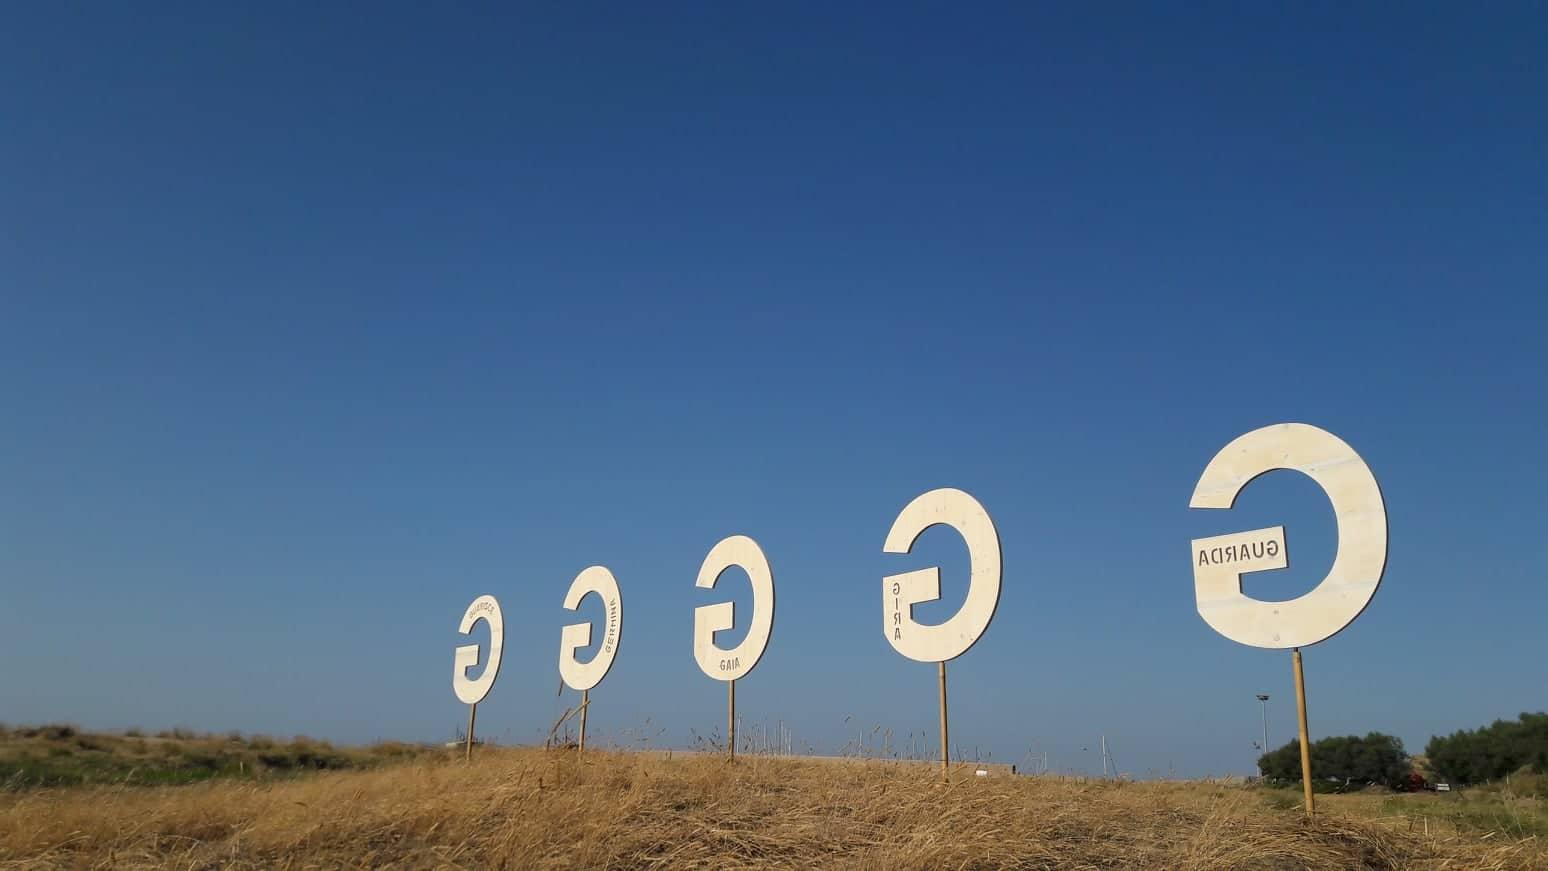 La forma delle parole art in the dunes 2019 La forma delle parole | Art in the dunes 2019 walter zuccarini lettera G La forma delle parole guarigione Emilia Steiner Art in the dunes 2019 archetipo